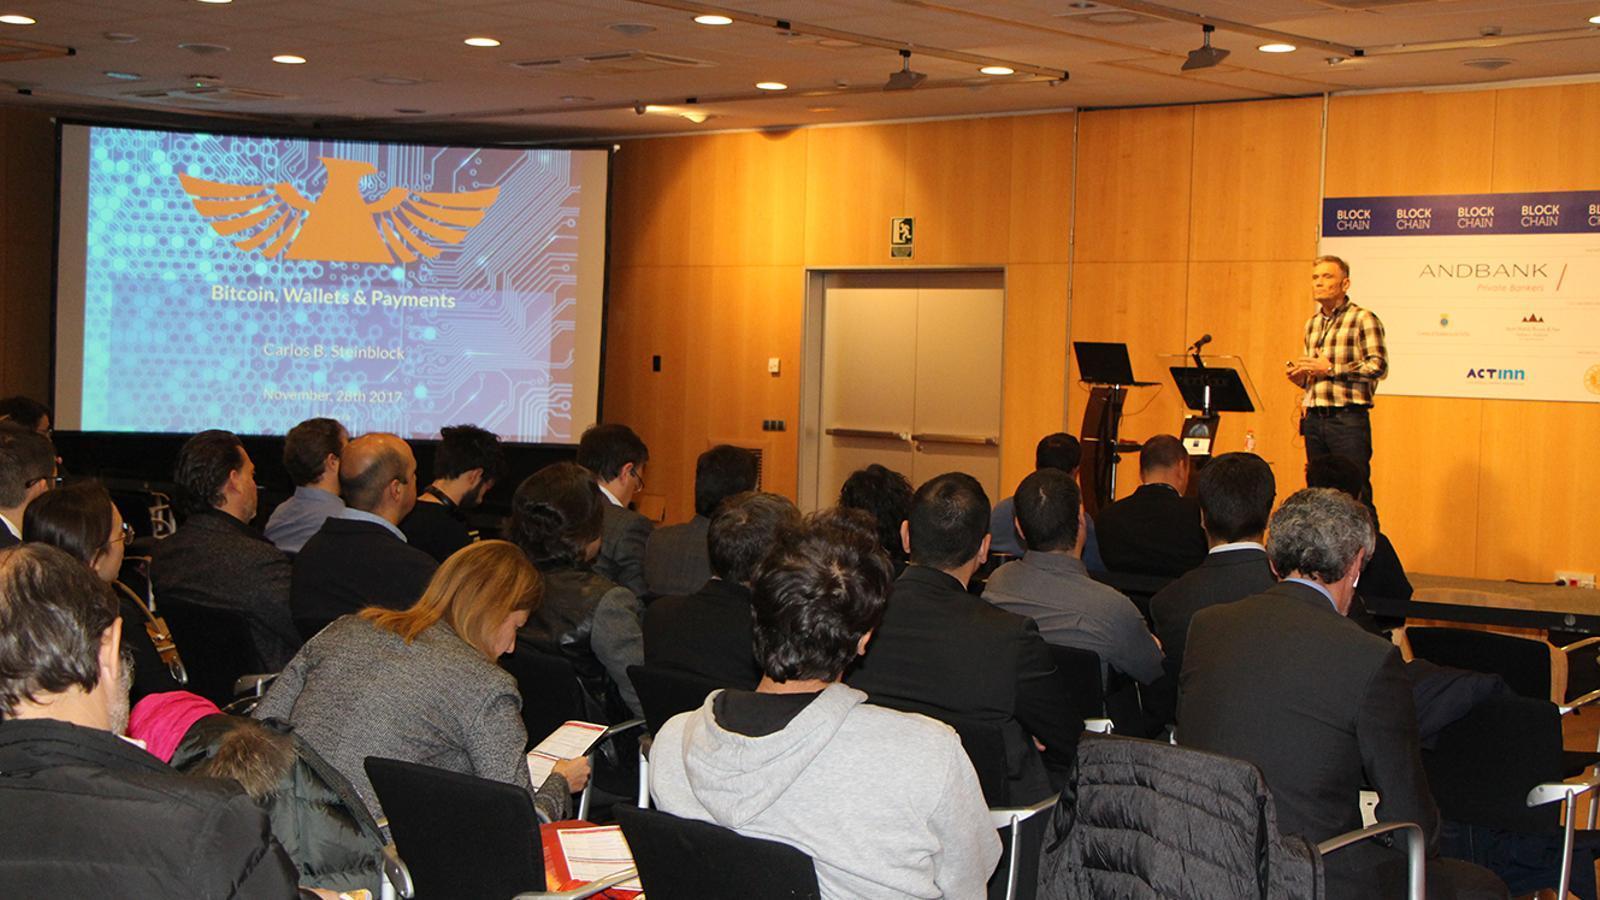 Un moment de la conferència de Carlos Barbero sobre 'Bitcoin, bitlleteres i pagaments' a la Jornada Blockchain.